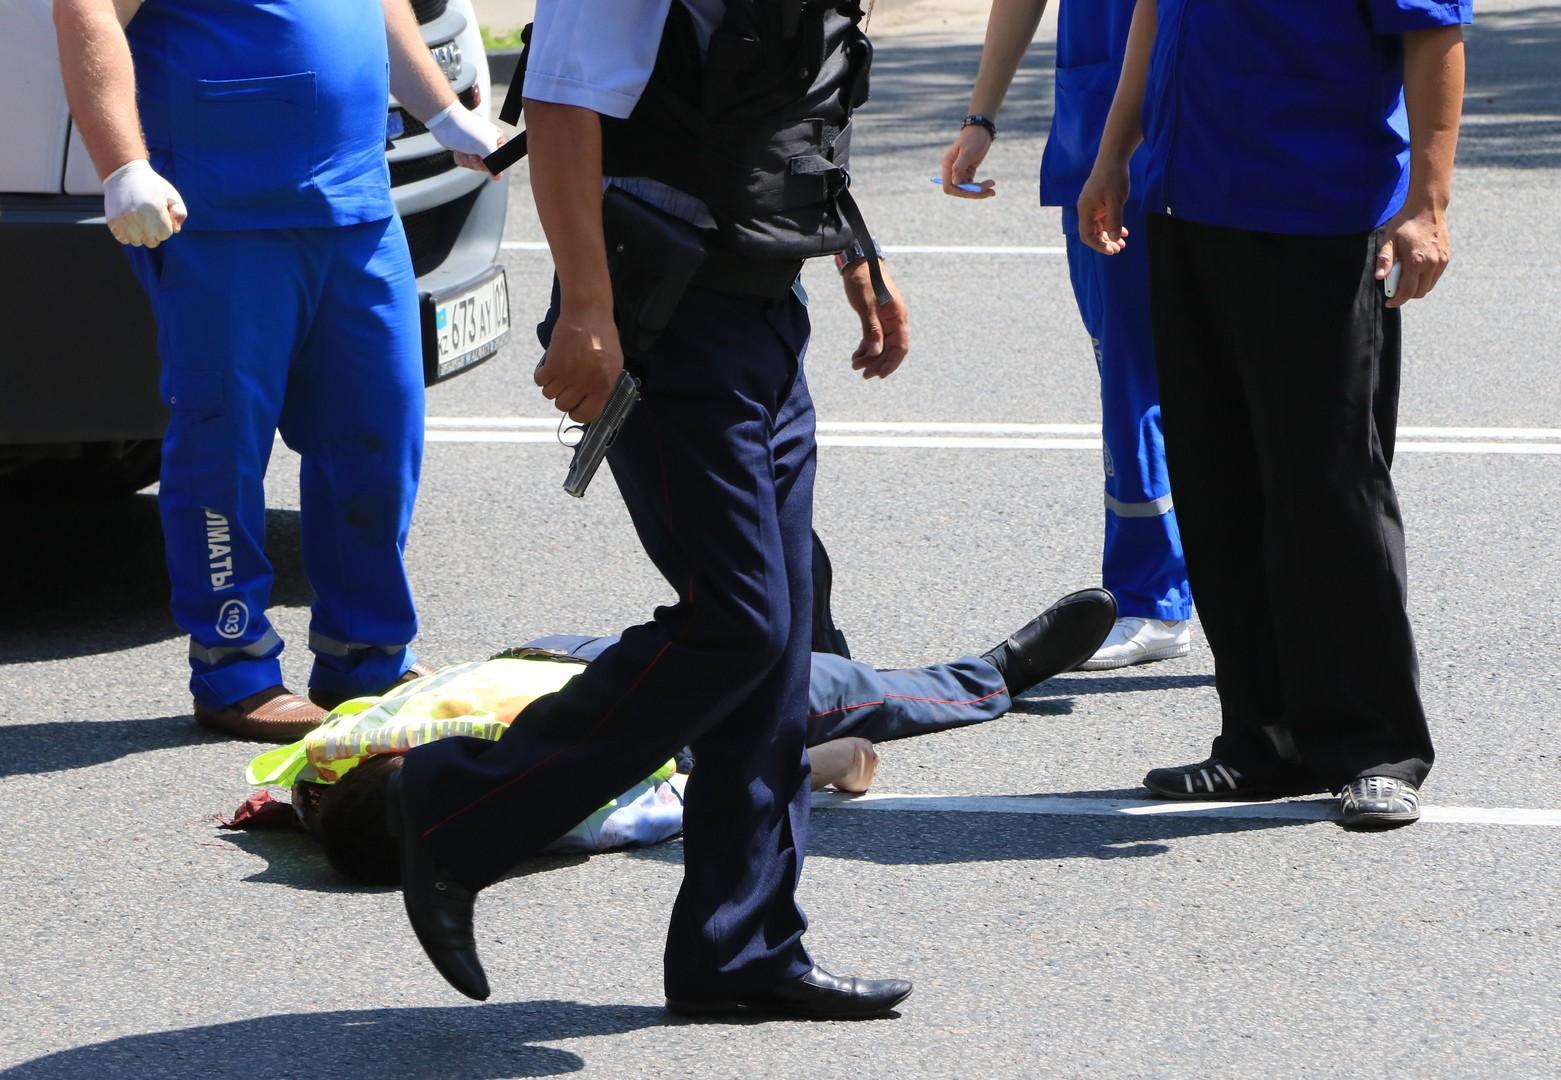 Убитый полицейский около Алмалинского районного отдела внутренних дел (РОВД) в центре Алма-Аты. Неизвестный открыл стрельбу из автомата в центре города.